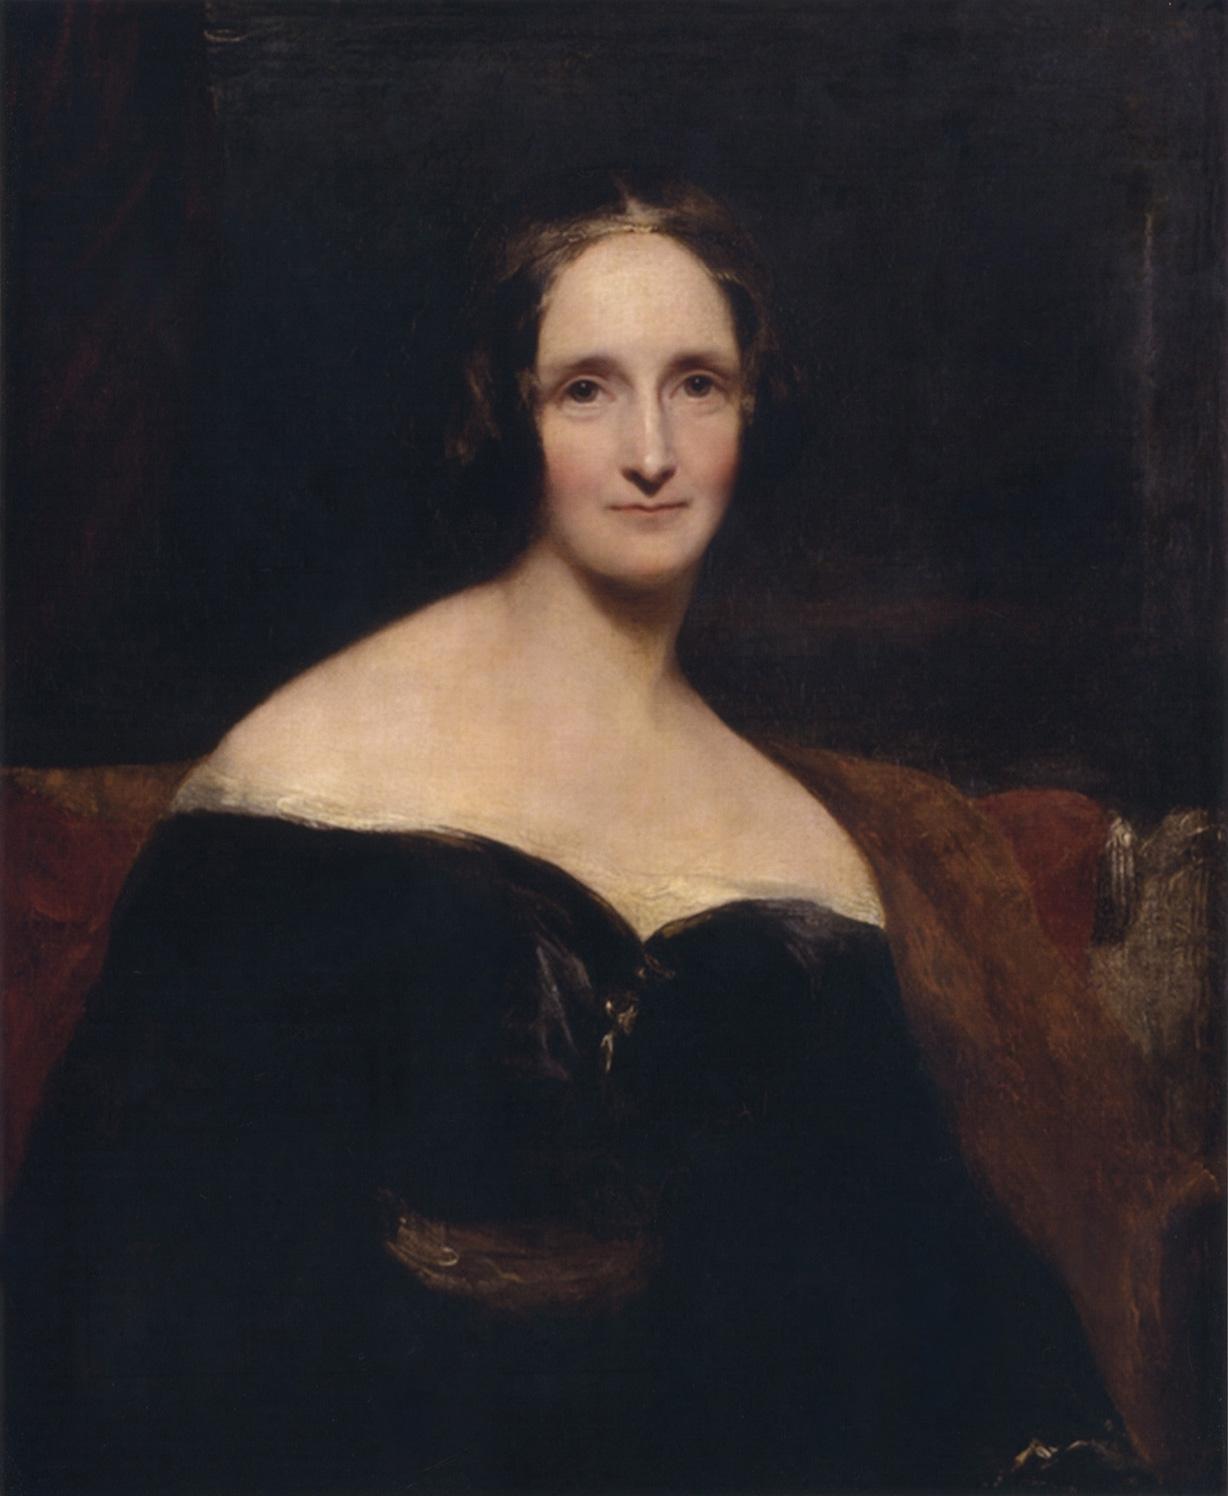 Celebrando a Mary Shelley